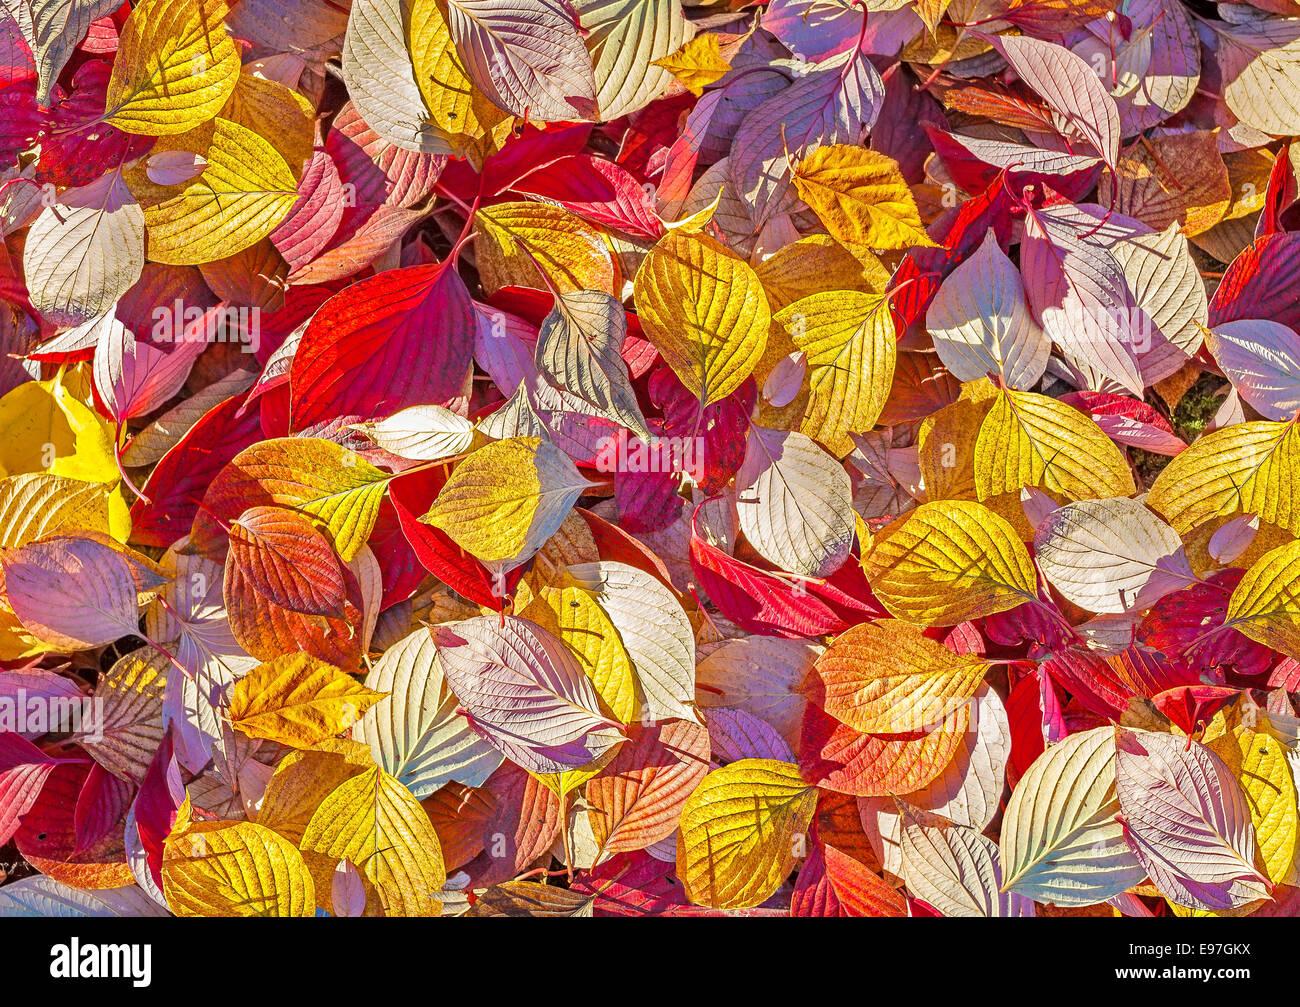 Farbigen Hintergrund gemacht des Herbstes lässt. Stockbild